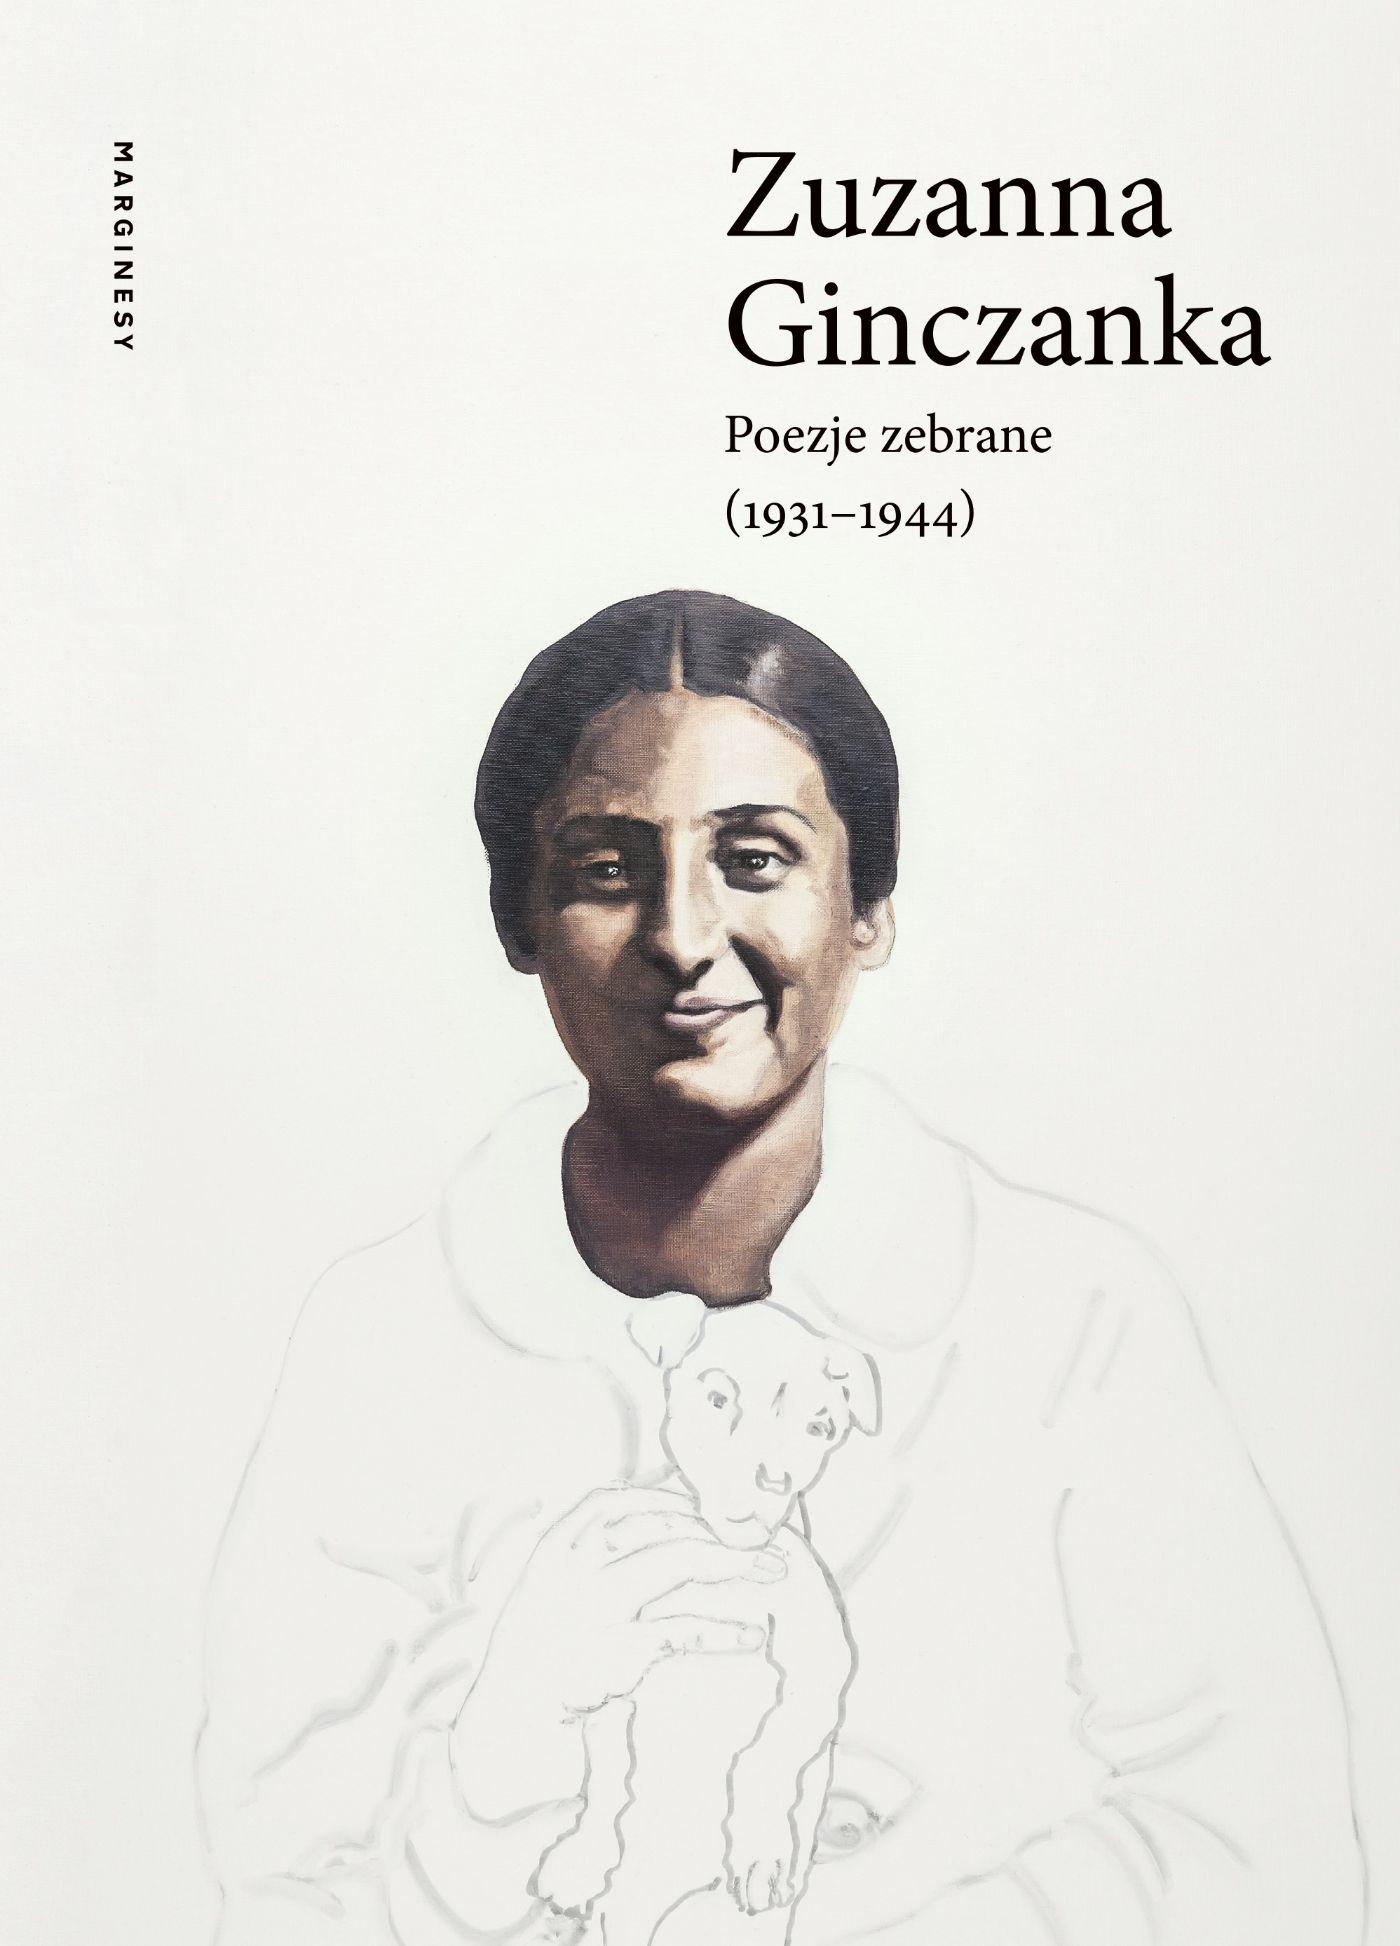 Okładka zbioru poezji Zuzanny Ginczanki